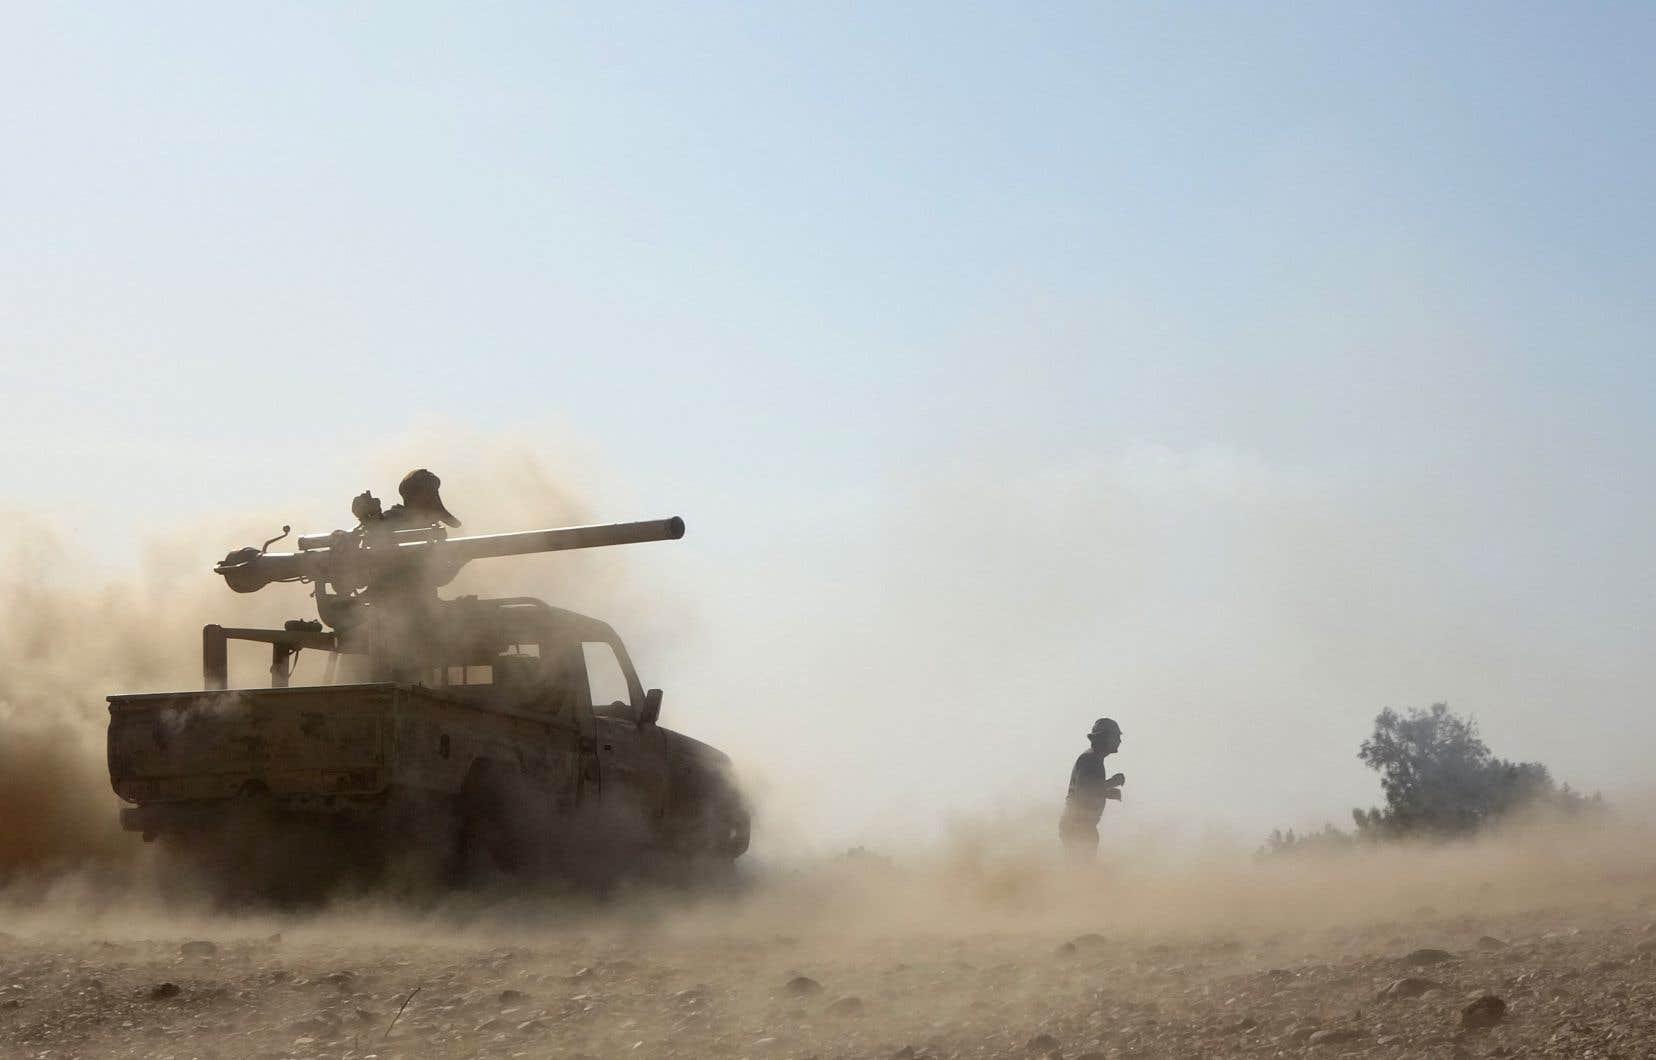 Les rebelles Houthis, qui tentent de s'emparer depuis plus d'un an de Marib, ont repris le 8février leur offensive contre ce dernier bastion sous contrôle du pouvoir dans le nord du pays en guerre depuis 2014.